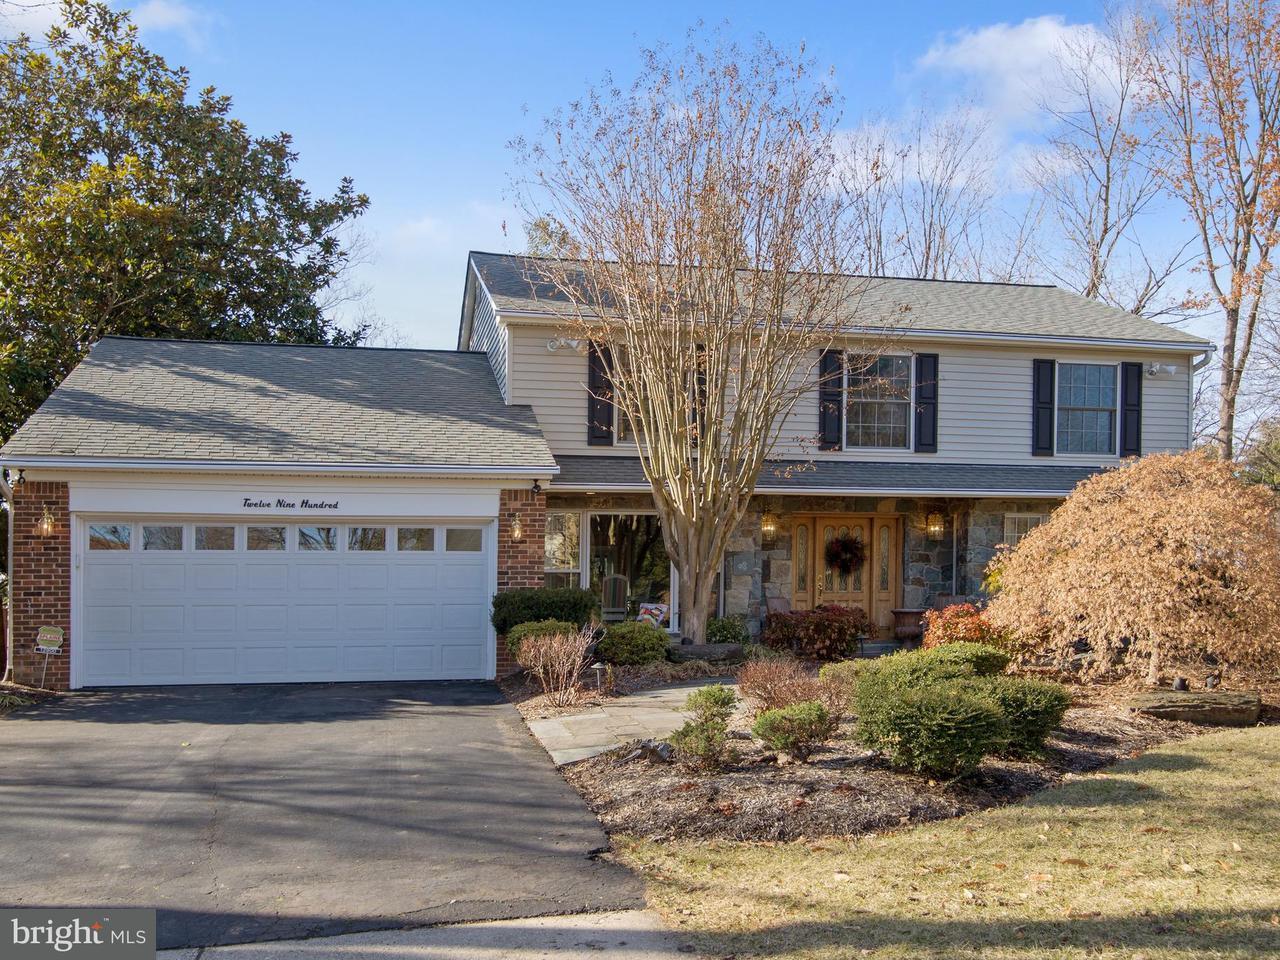 단독 가정 주택 용 매매 에 12900 Commons Way 12900 Commons Way Rockville, 메릴랜드 20854 미국